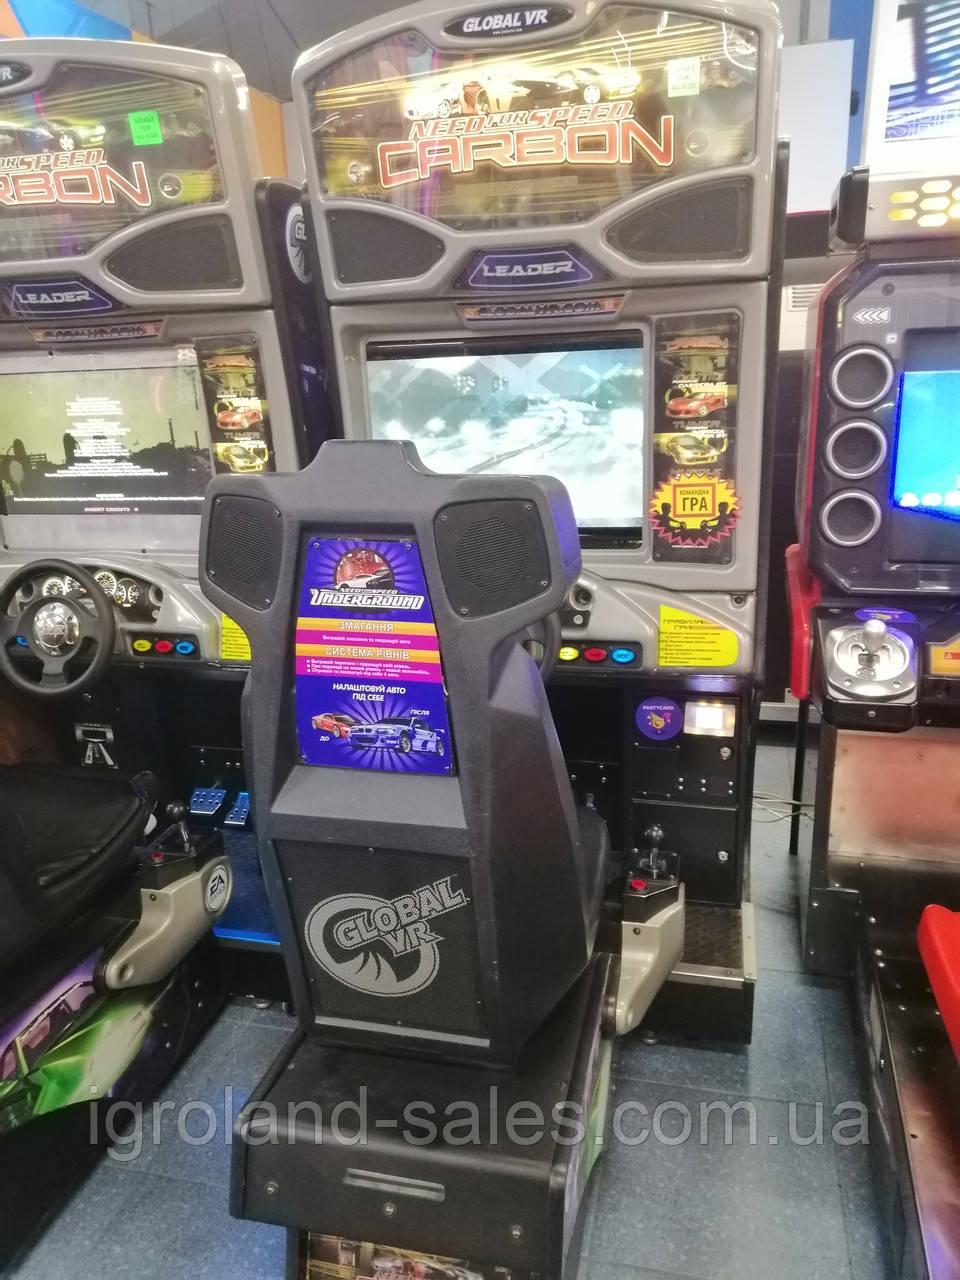 Нид фор спид игровой автомат игры фараон игровые автоматы